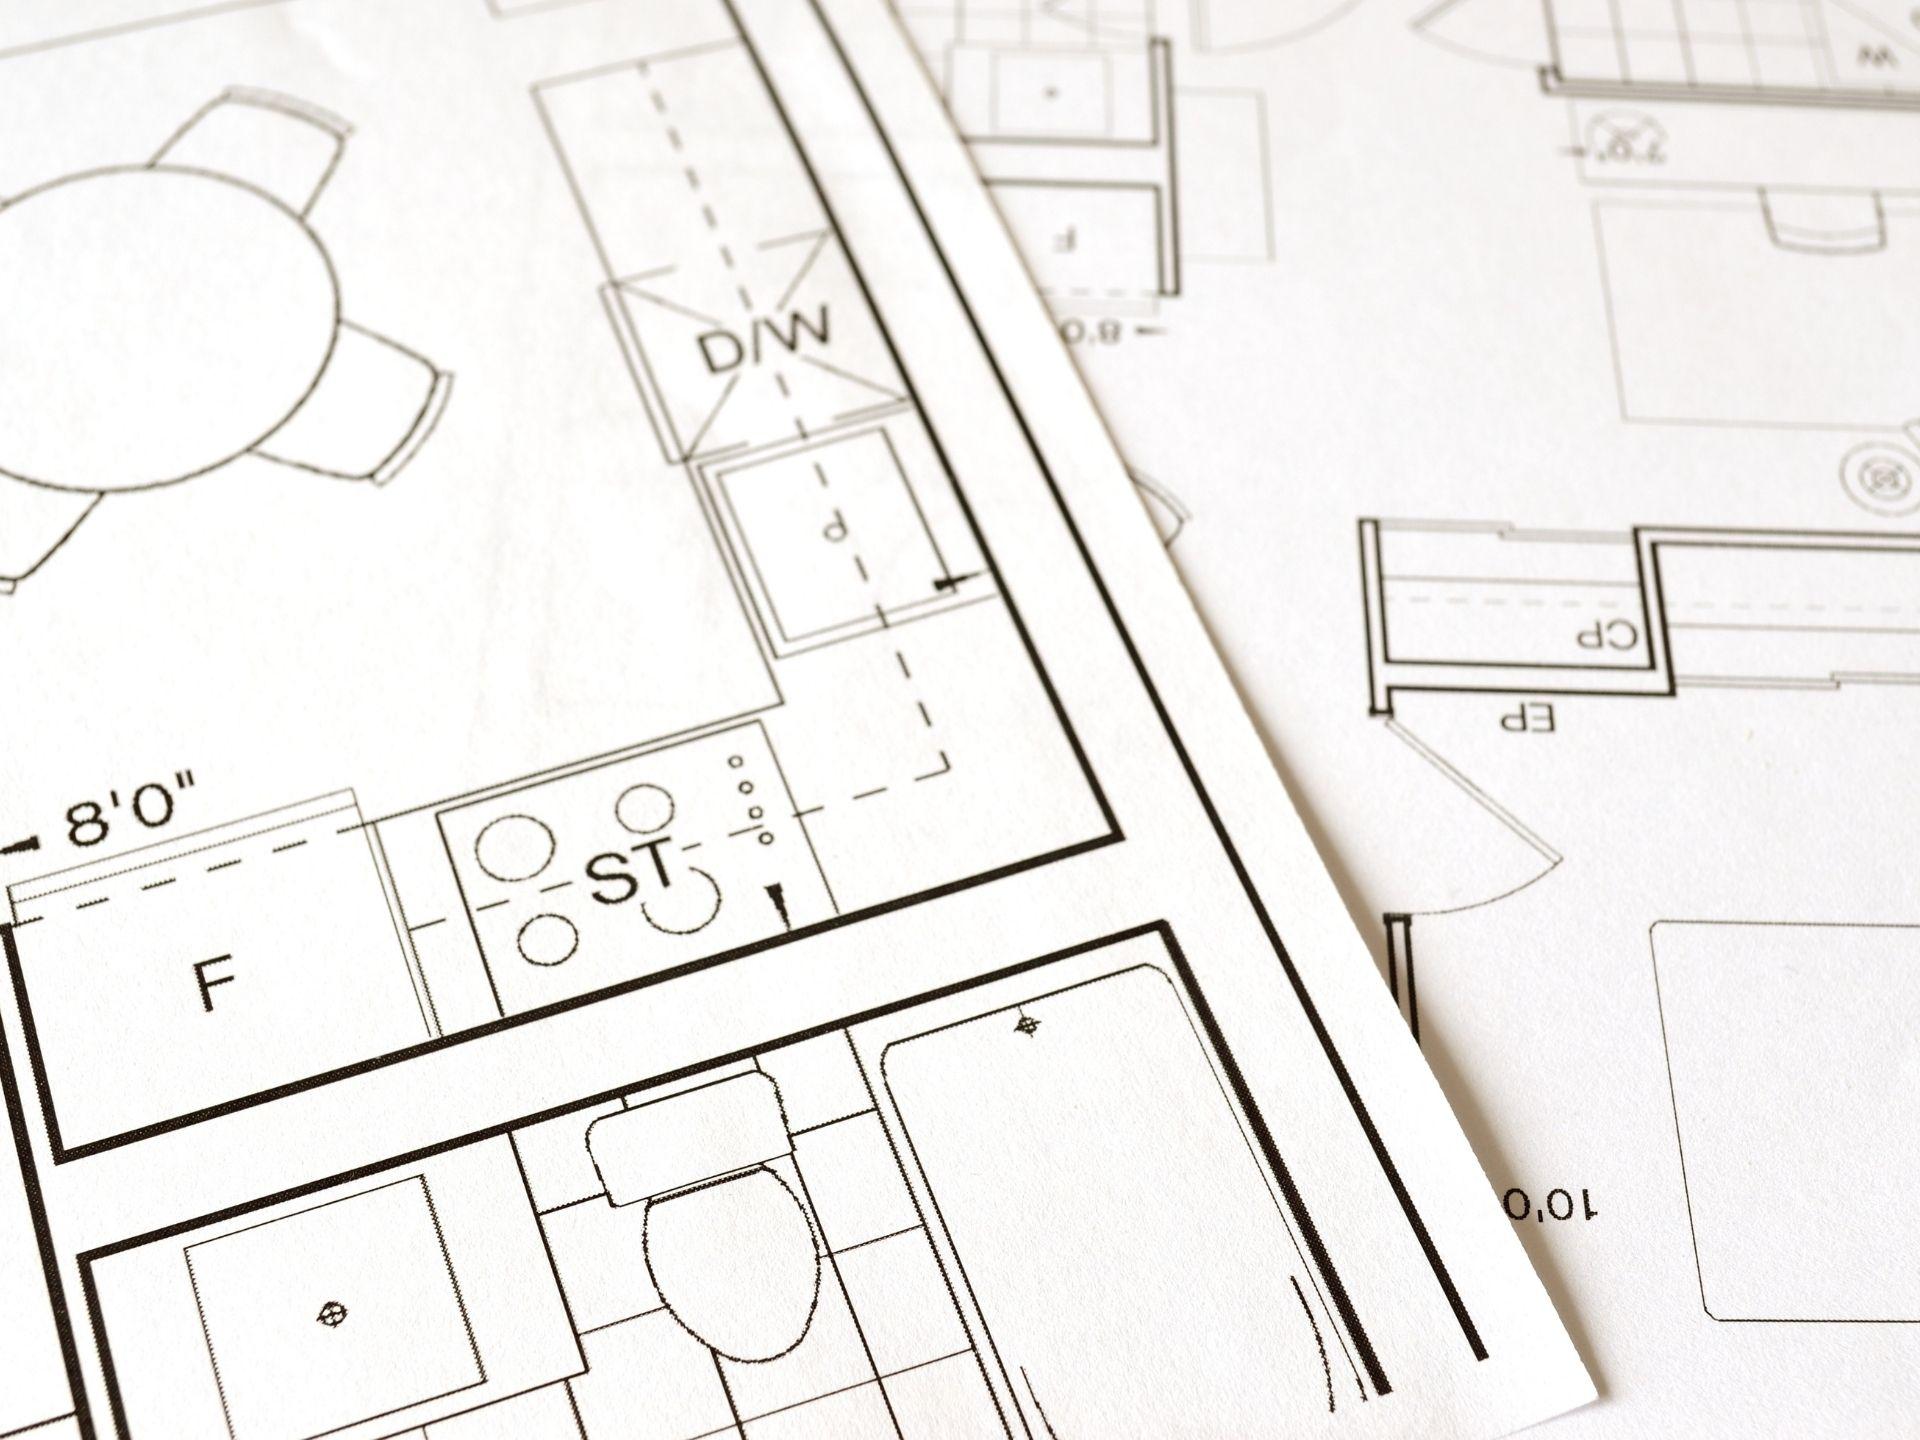 valutazioni-ville-in-brianza-agenzia-immobiliare-casaestyle